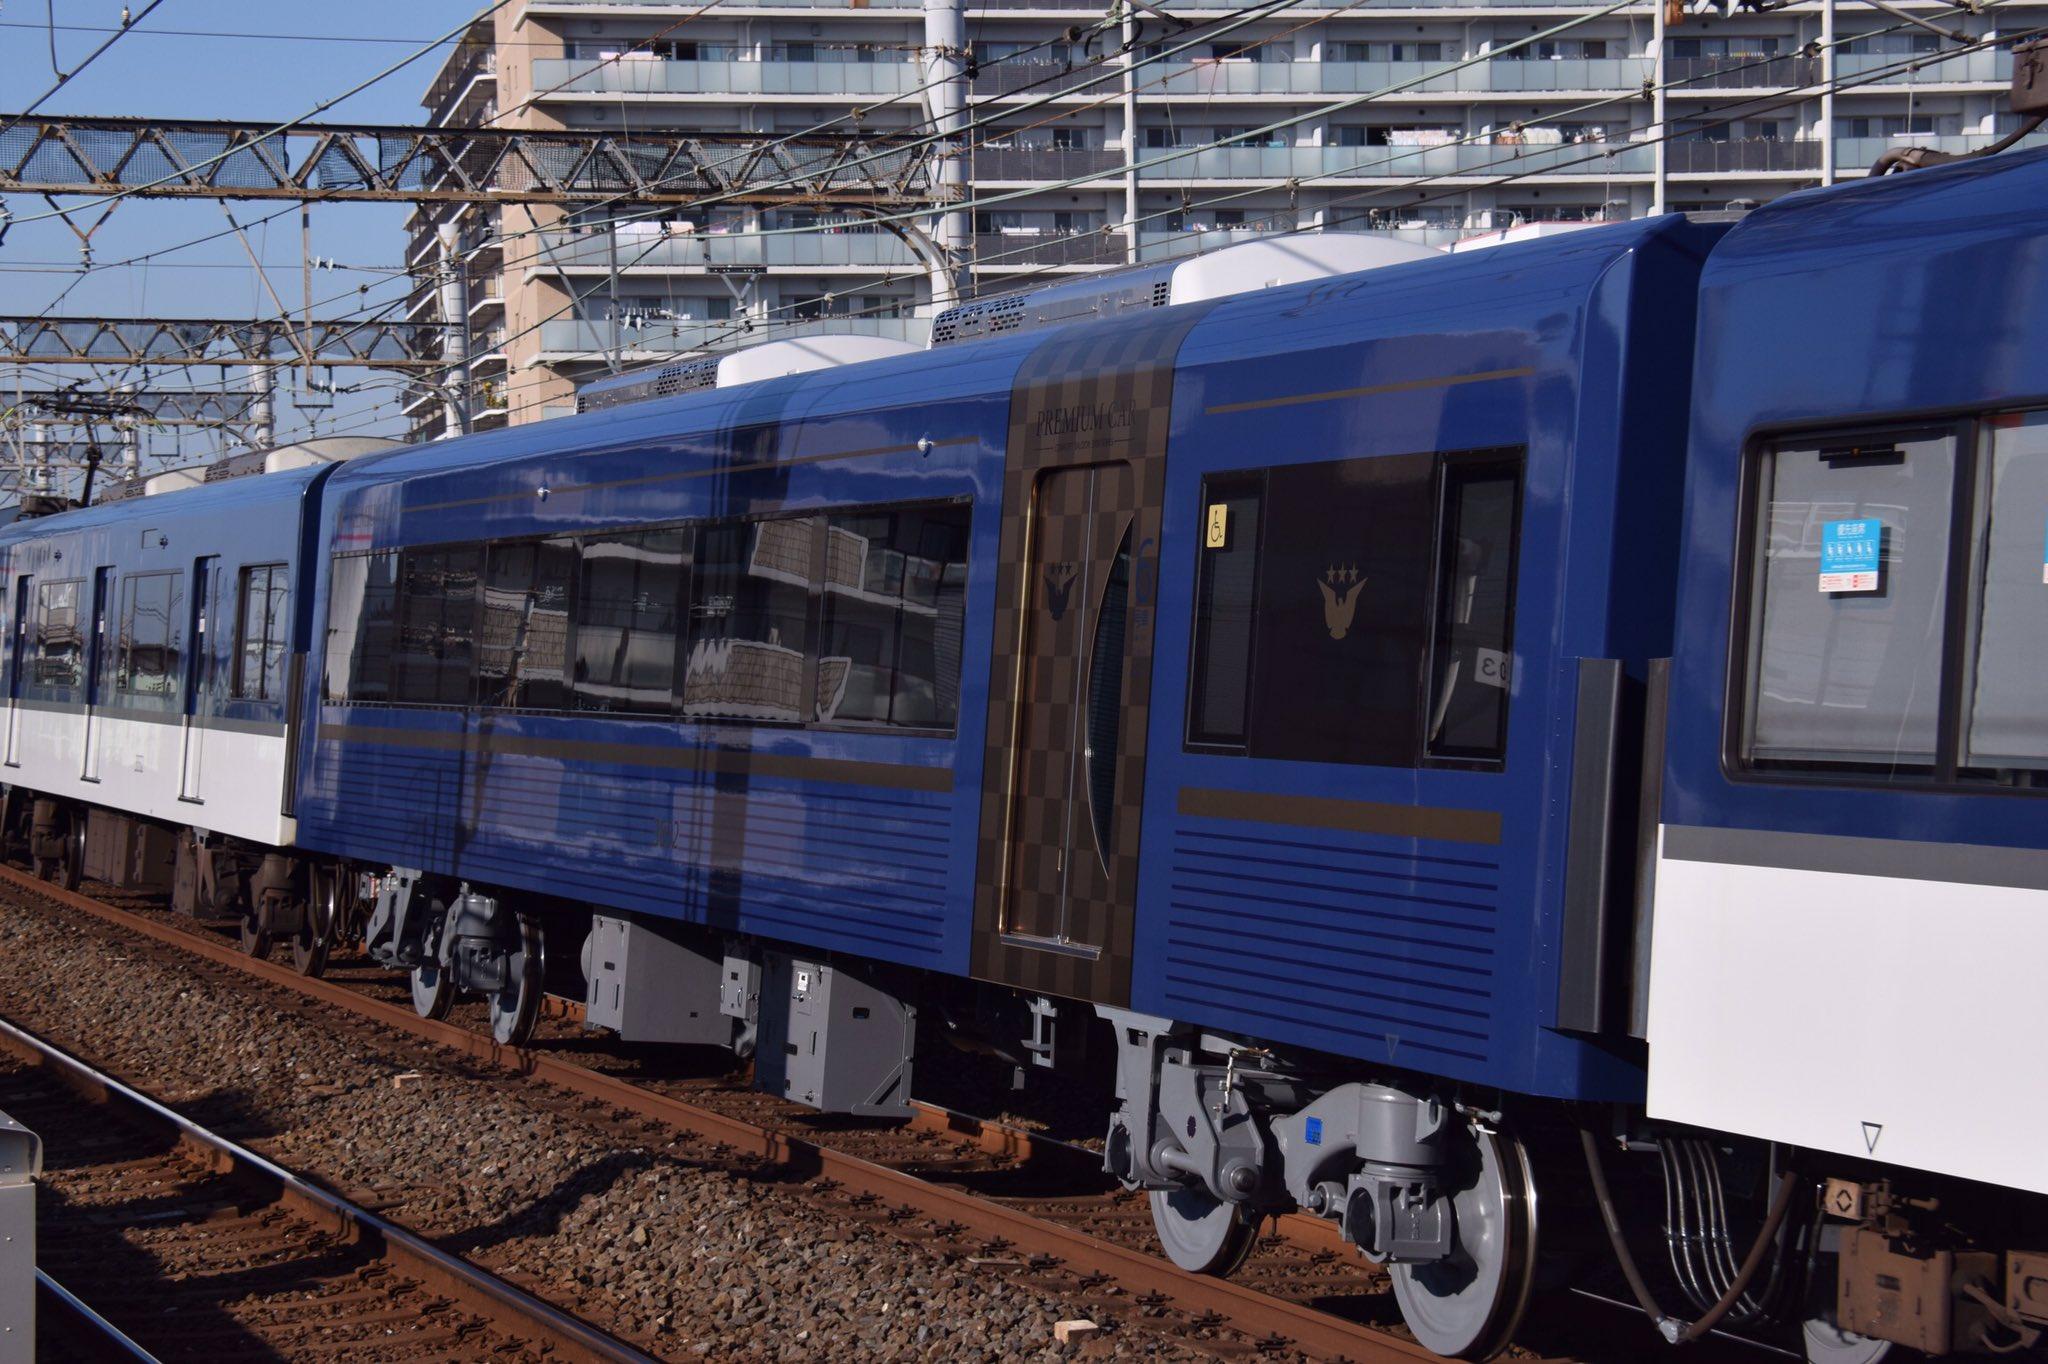 【京阪電鉄】3000系3002Fにプレミアムカーを組み込み試運転が行われる